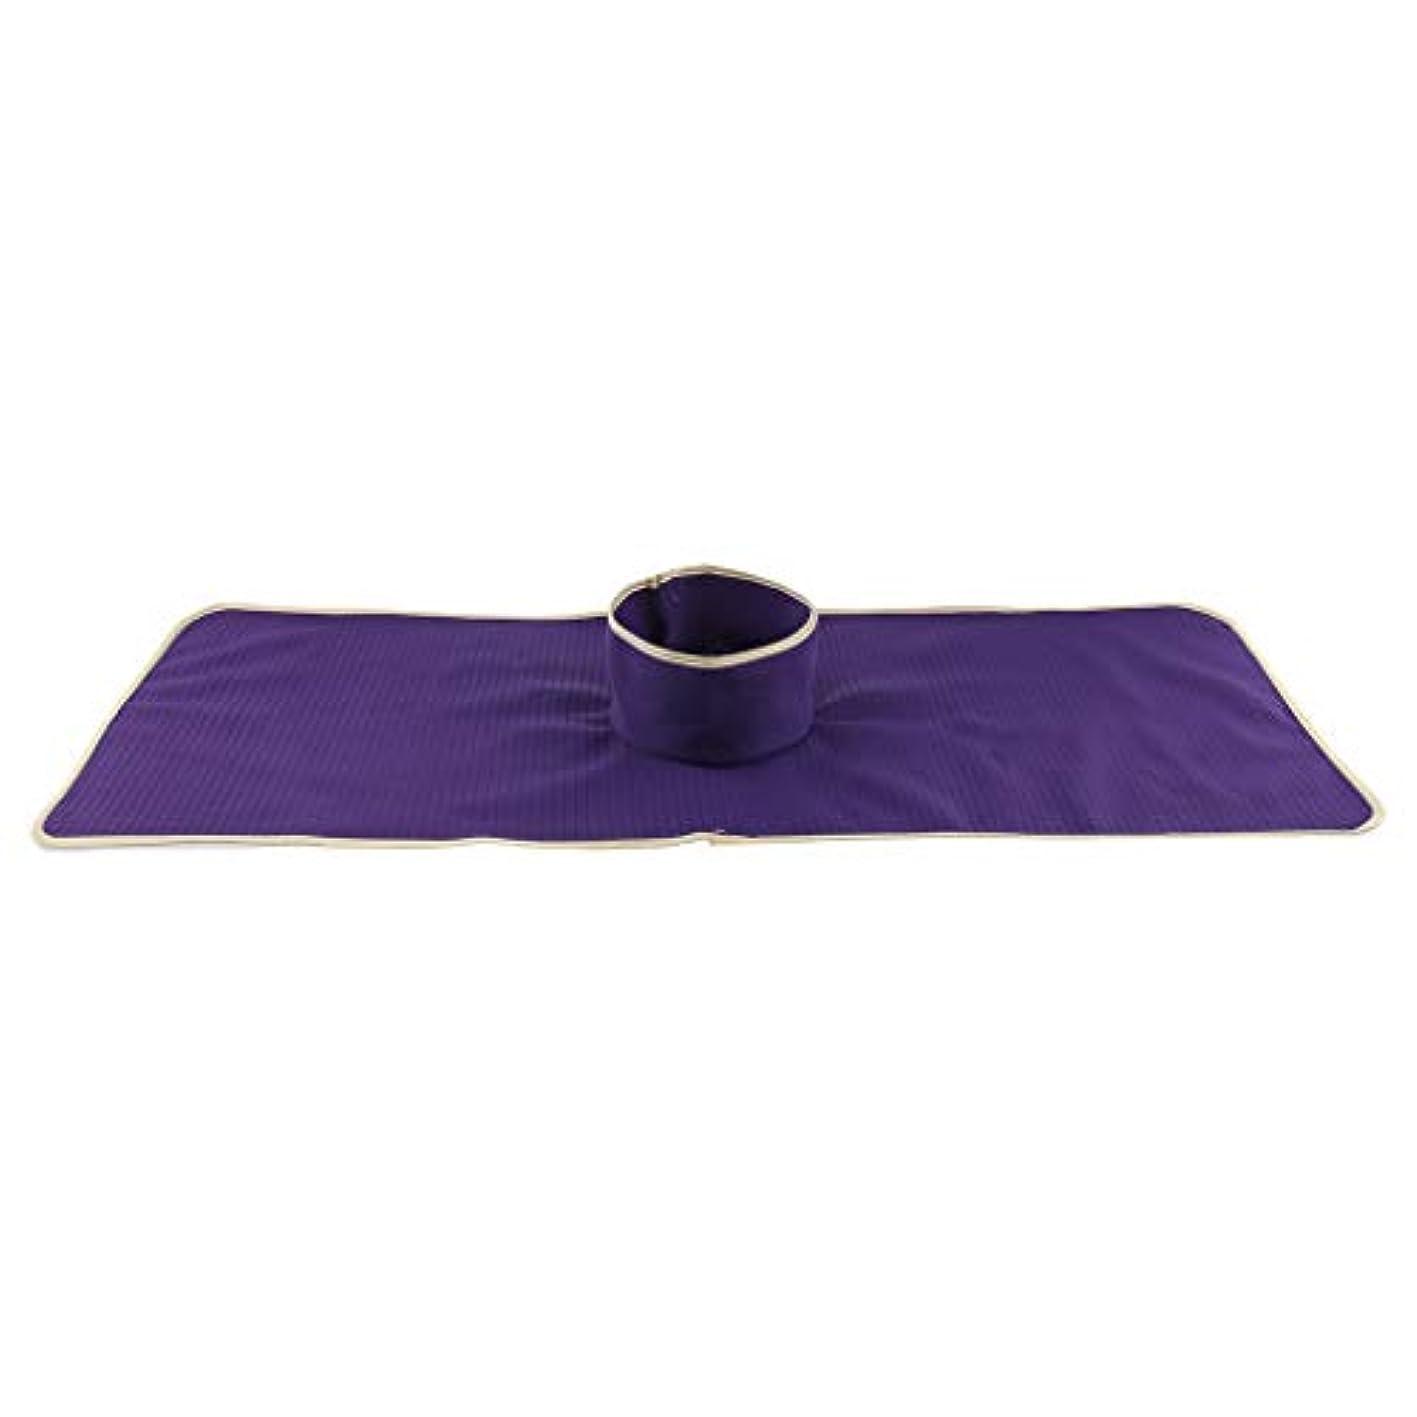 不利モンゴメリー買うサロン 美容院 マッサージのベッド パッド 穴付き 洗える 約90×35cm 全3色 - 紫